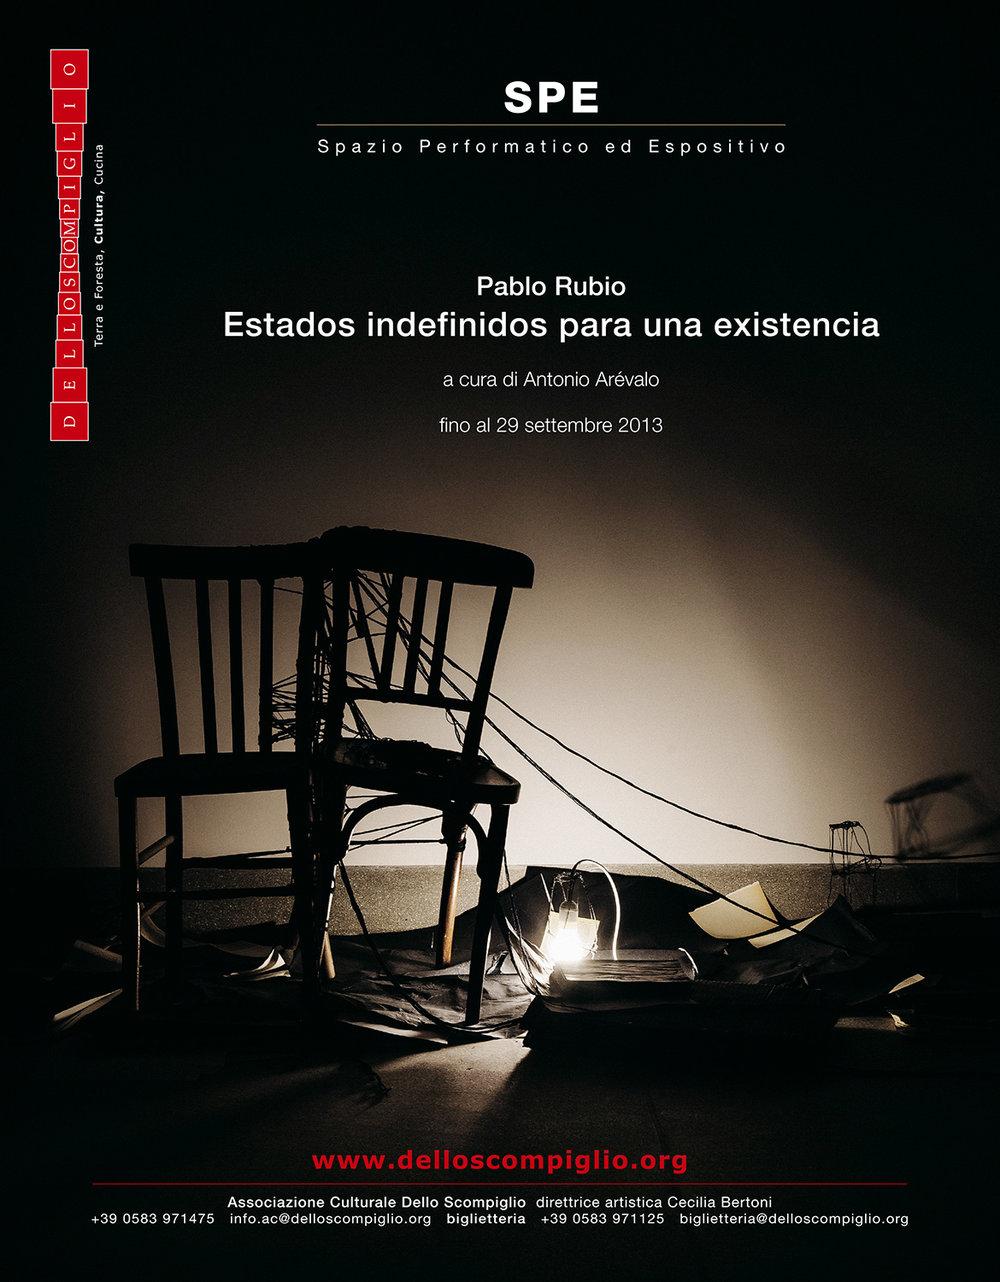 Pablo Rubio | Estados indefinidos para una existencia    Poster   Associazione Culturale Dello Scompiglio, 2014